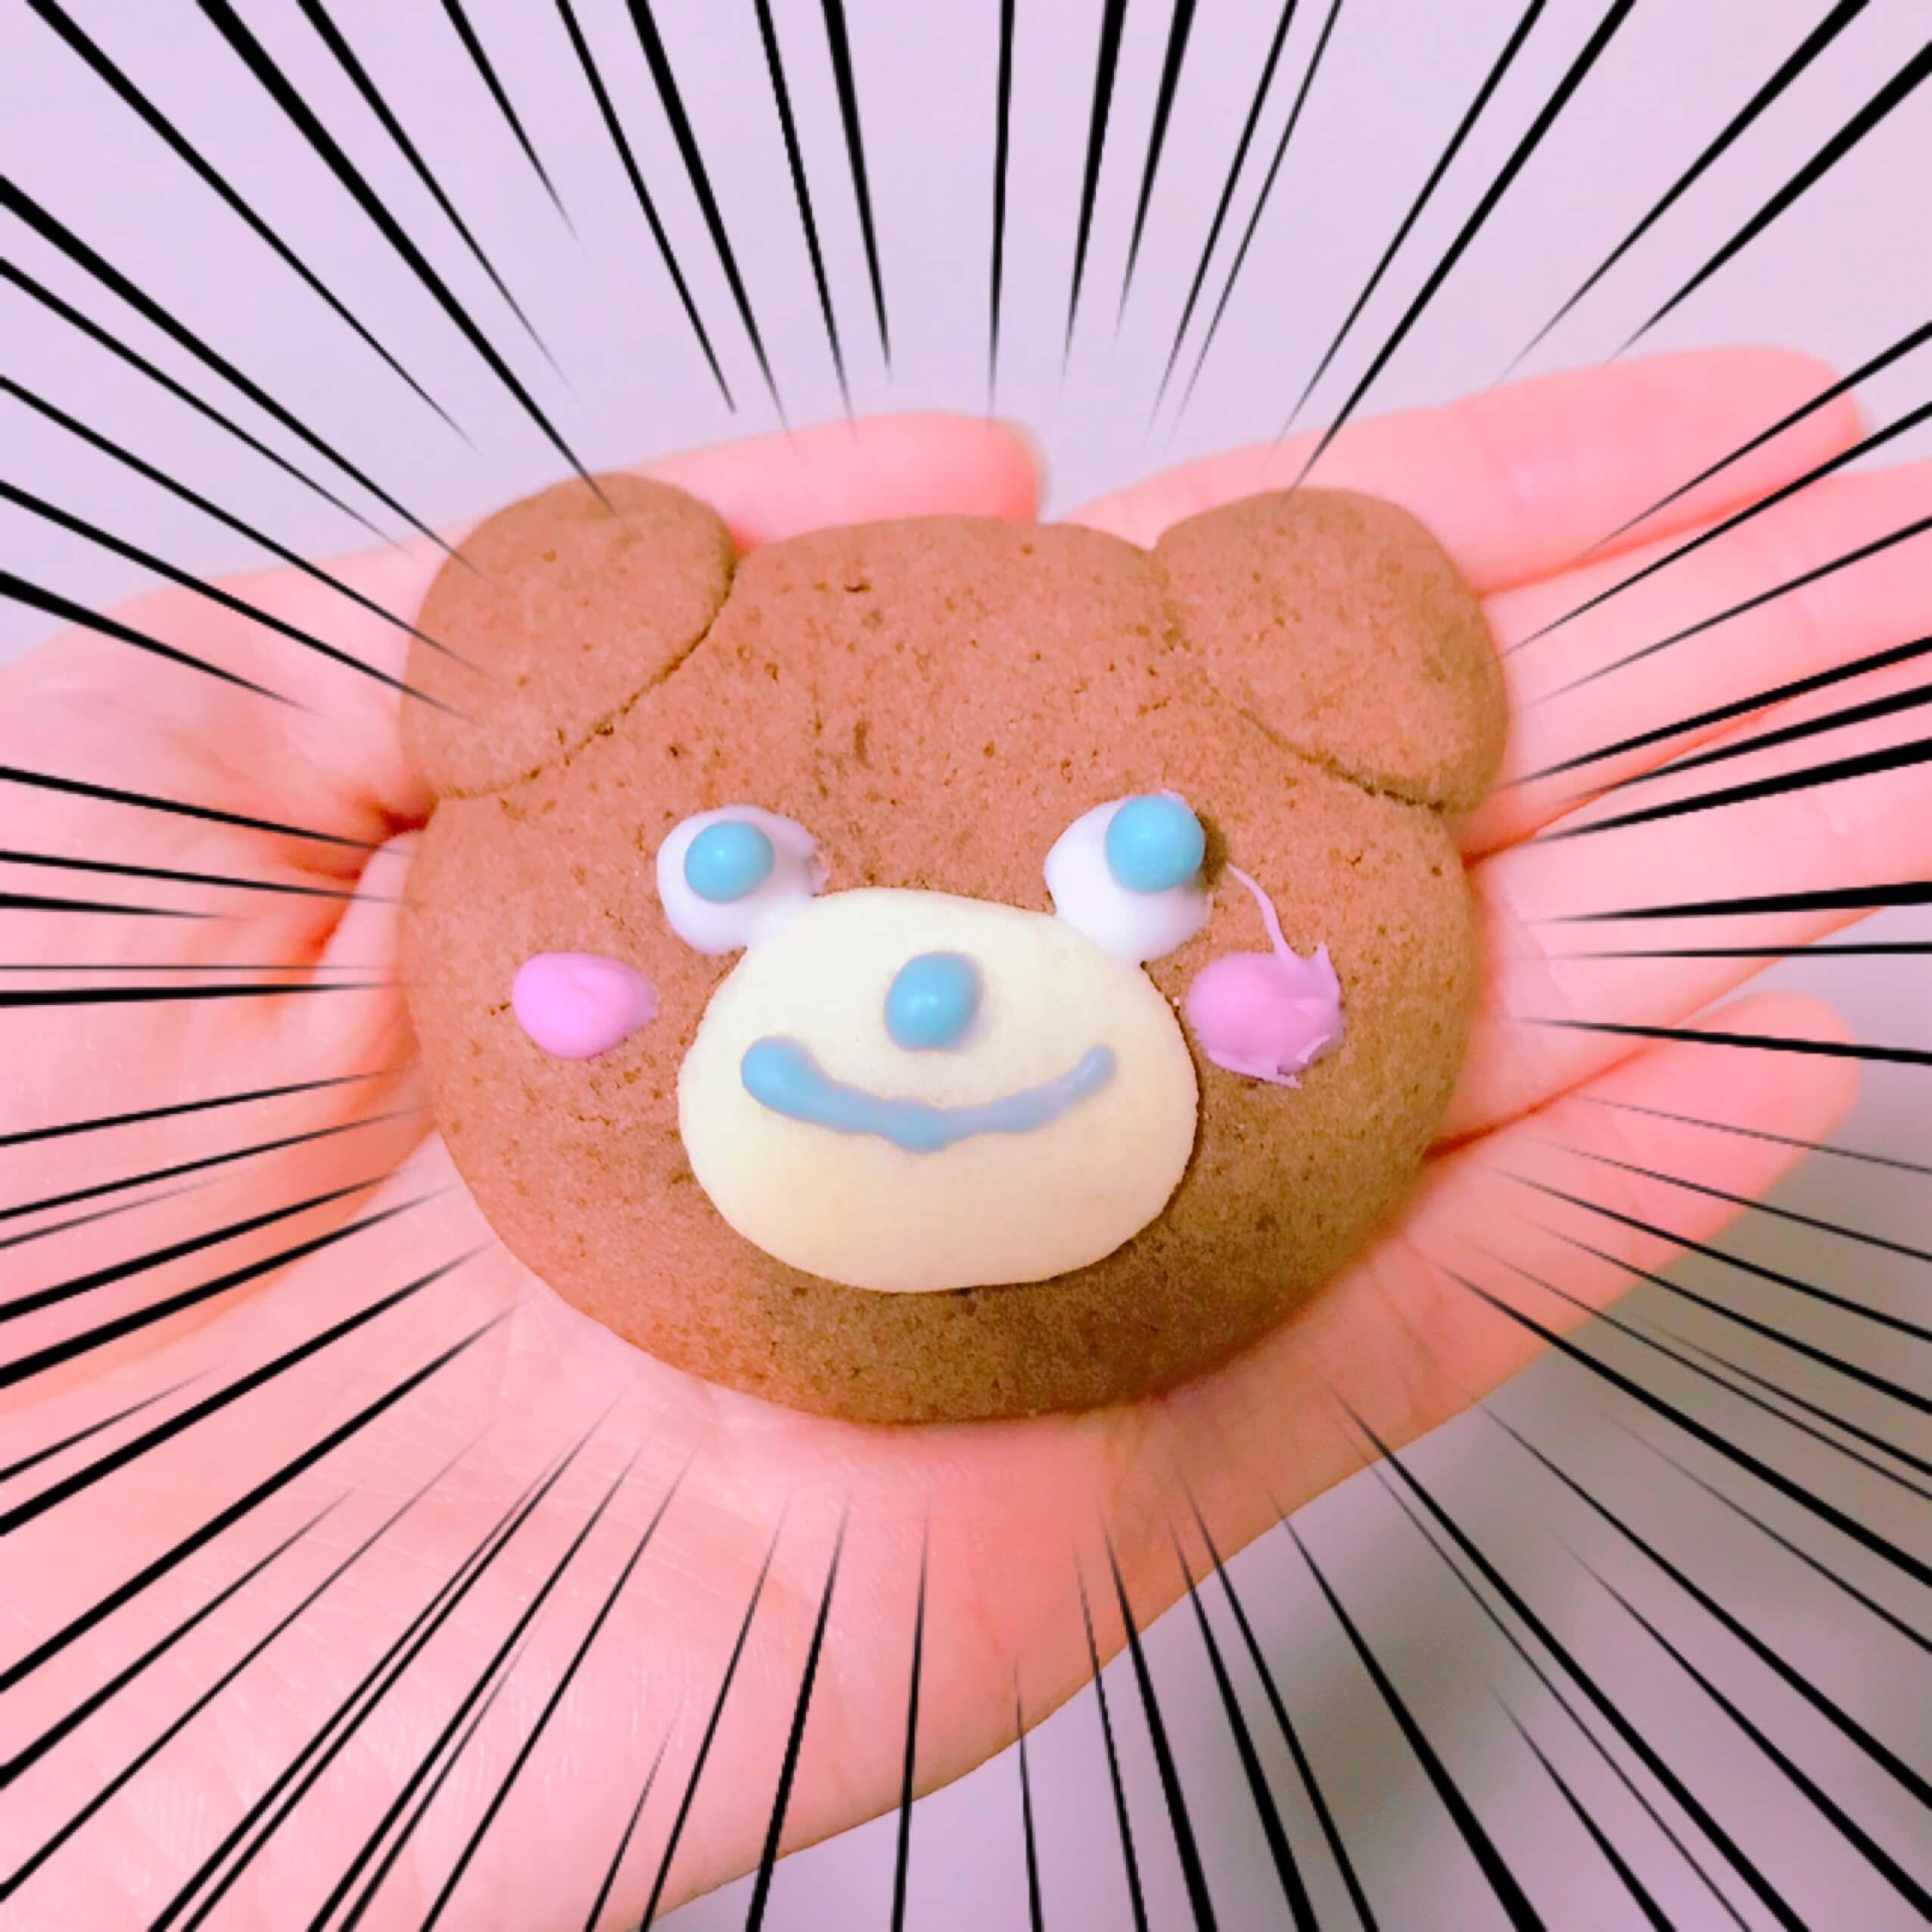 かわいいクマさんクッキー!